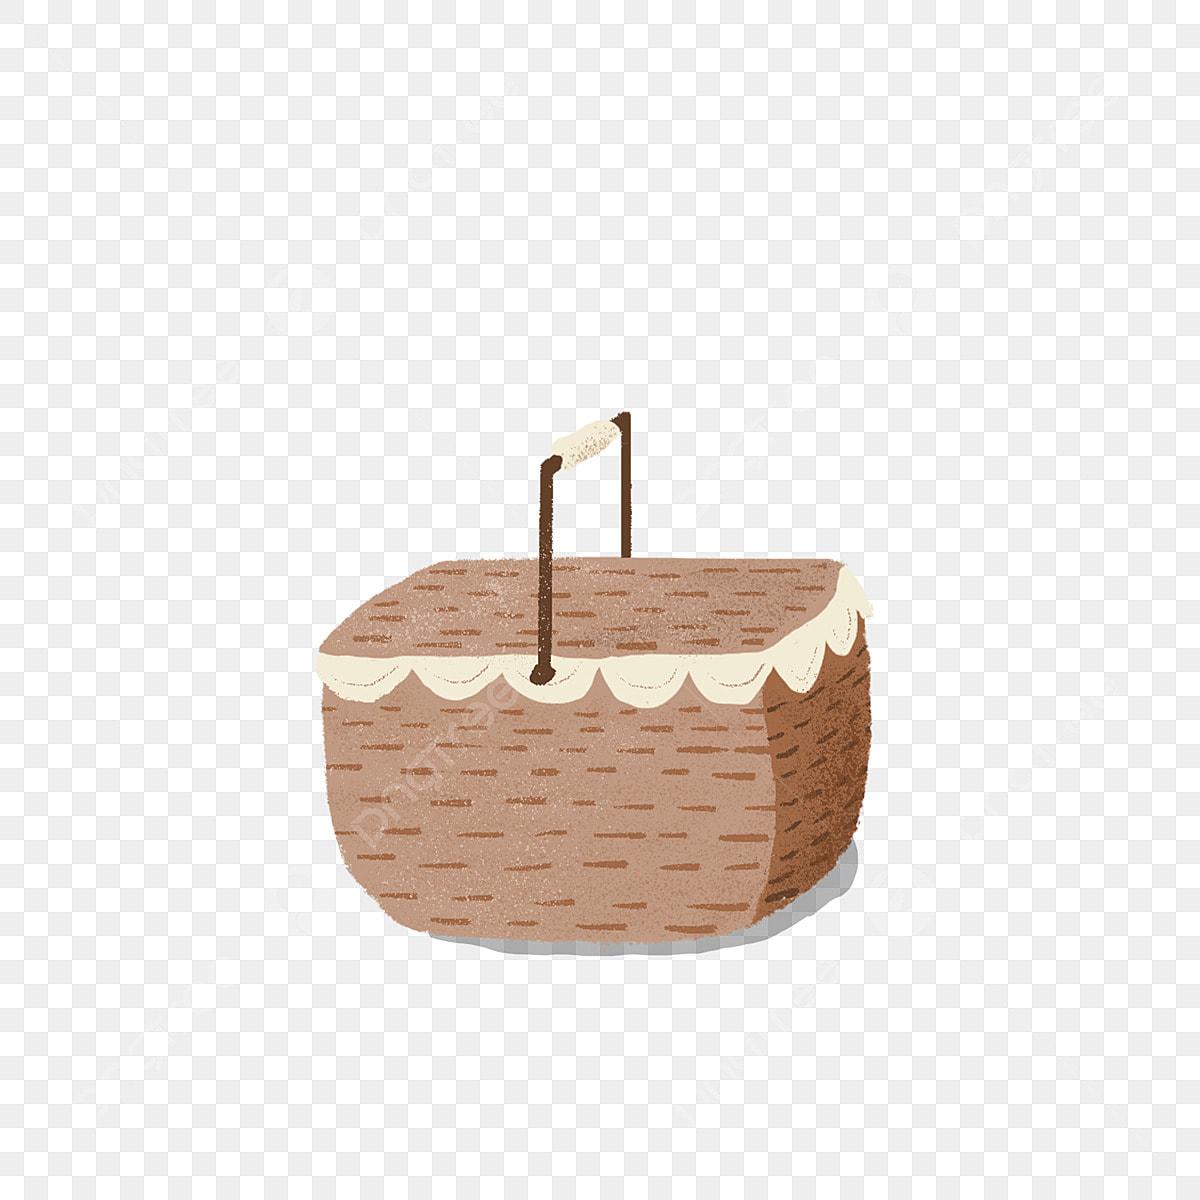 Gambar Kartun Khaki Hidangan Bakul Ilustrasi Percuma Keranjang Kartun Keranjang Piknik Dengan Barang Barang Keranjang Kartun Ilustrasi Gratis Jerami Khaki Hidangan Bakul Ilustrasi Percuma Png Dan Psd Untuk Muat Turun Percuma